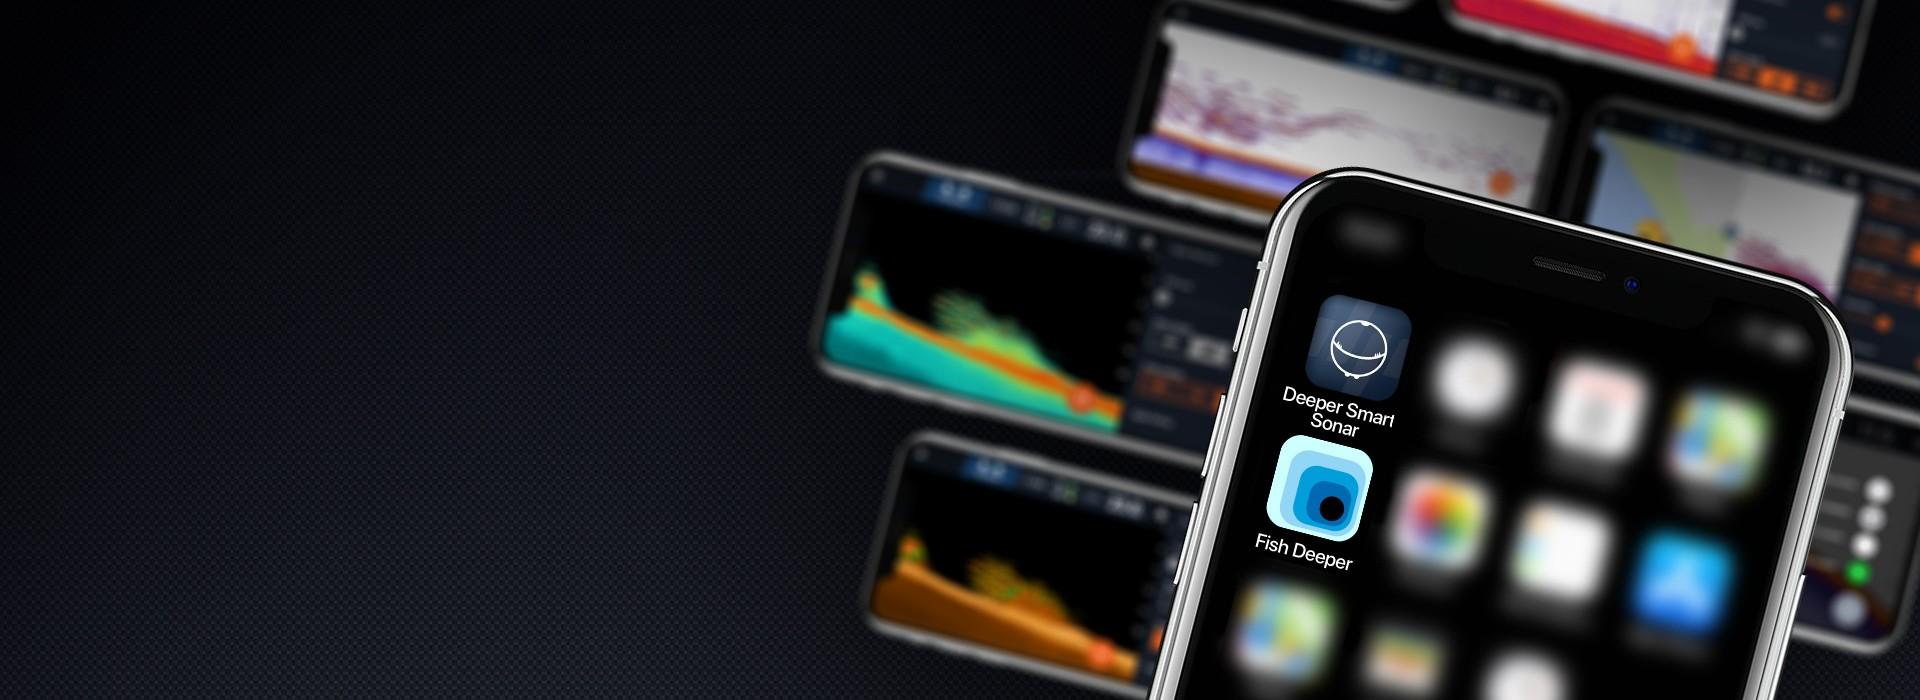 Мобилни приложения за DeeperДве приложения. Множество възможности за риболов.